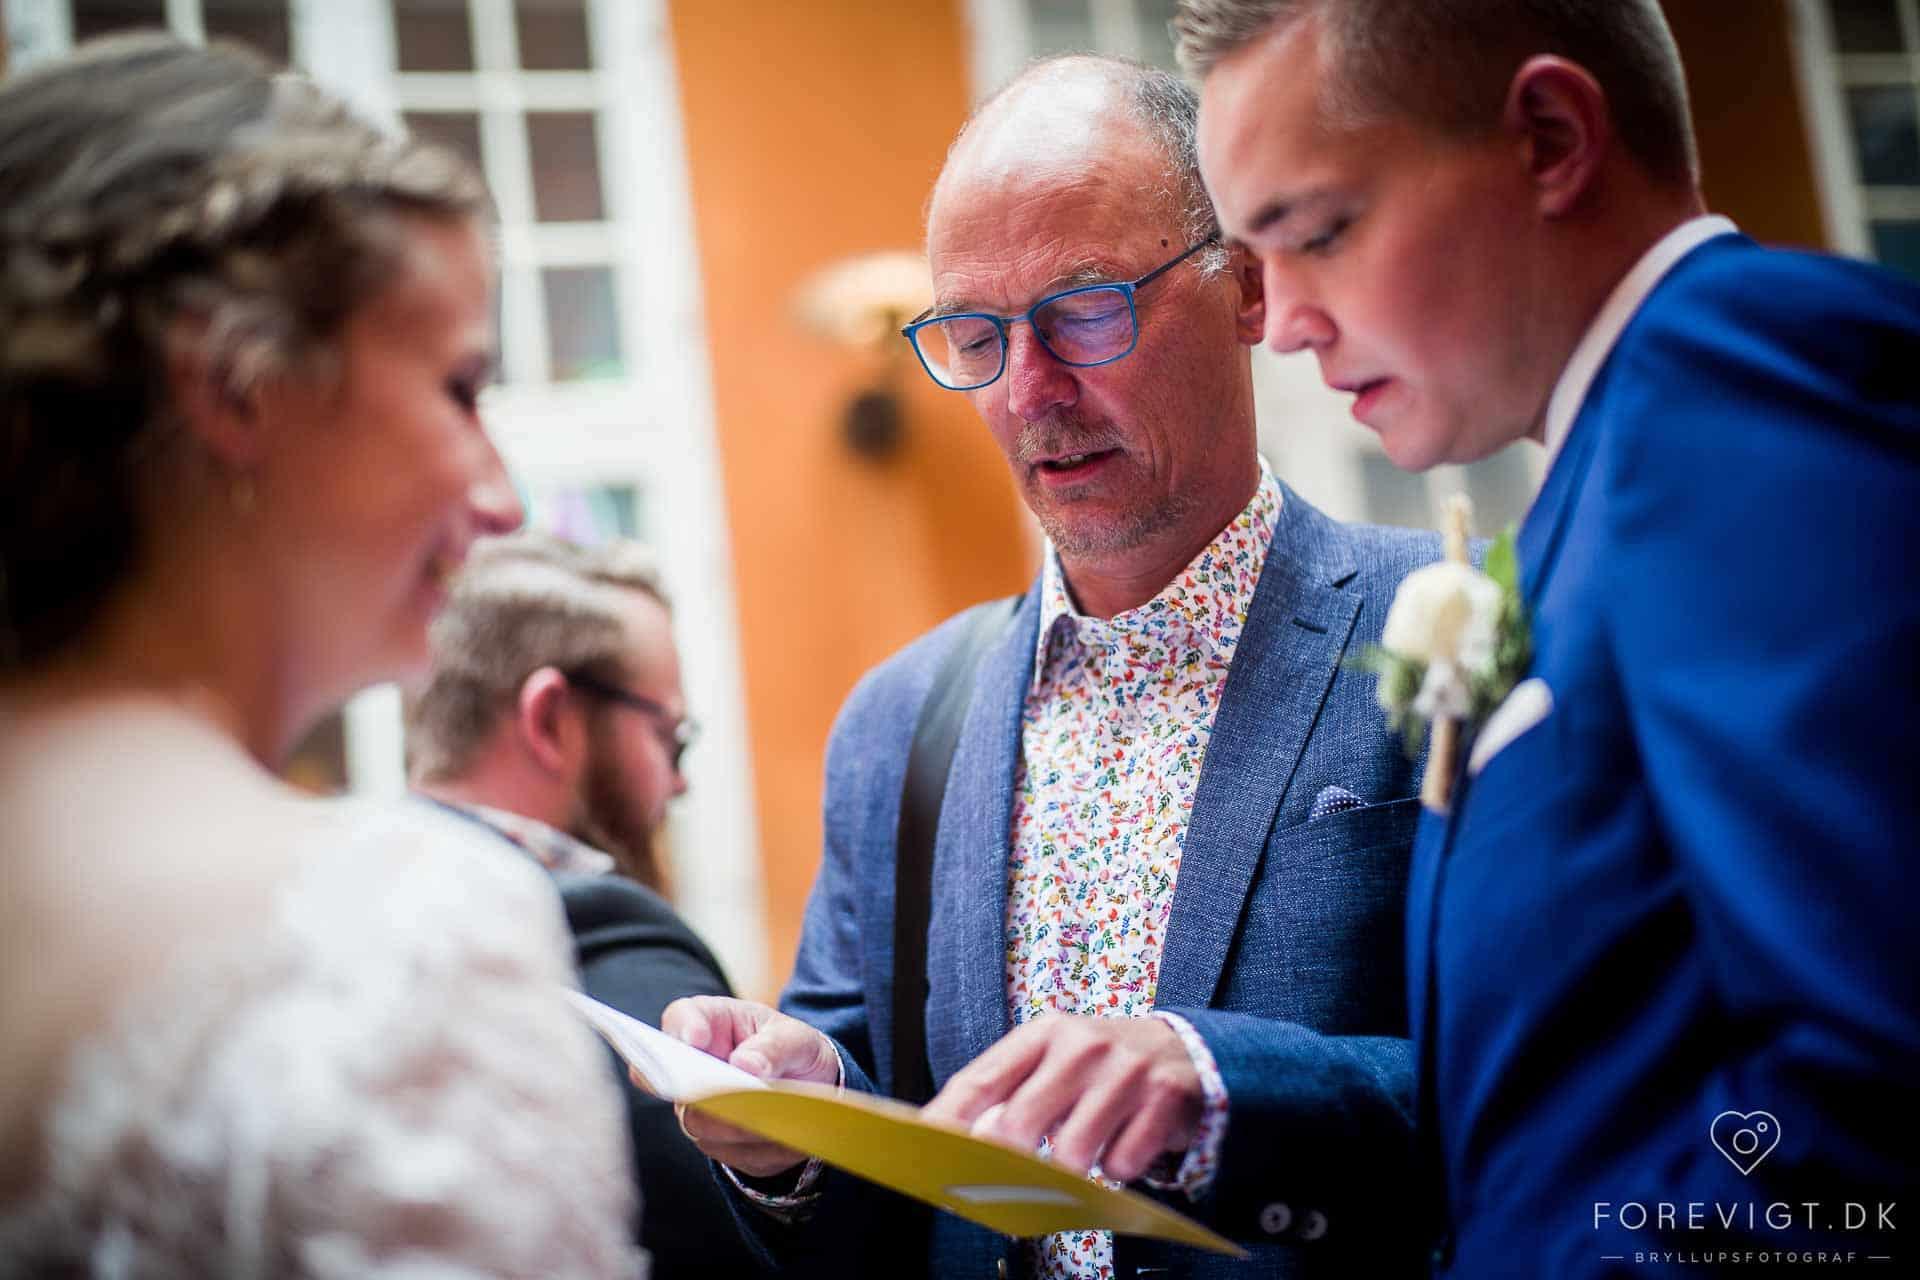 Bryllupsfotograf + Portrætfotograf i København